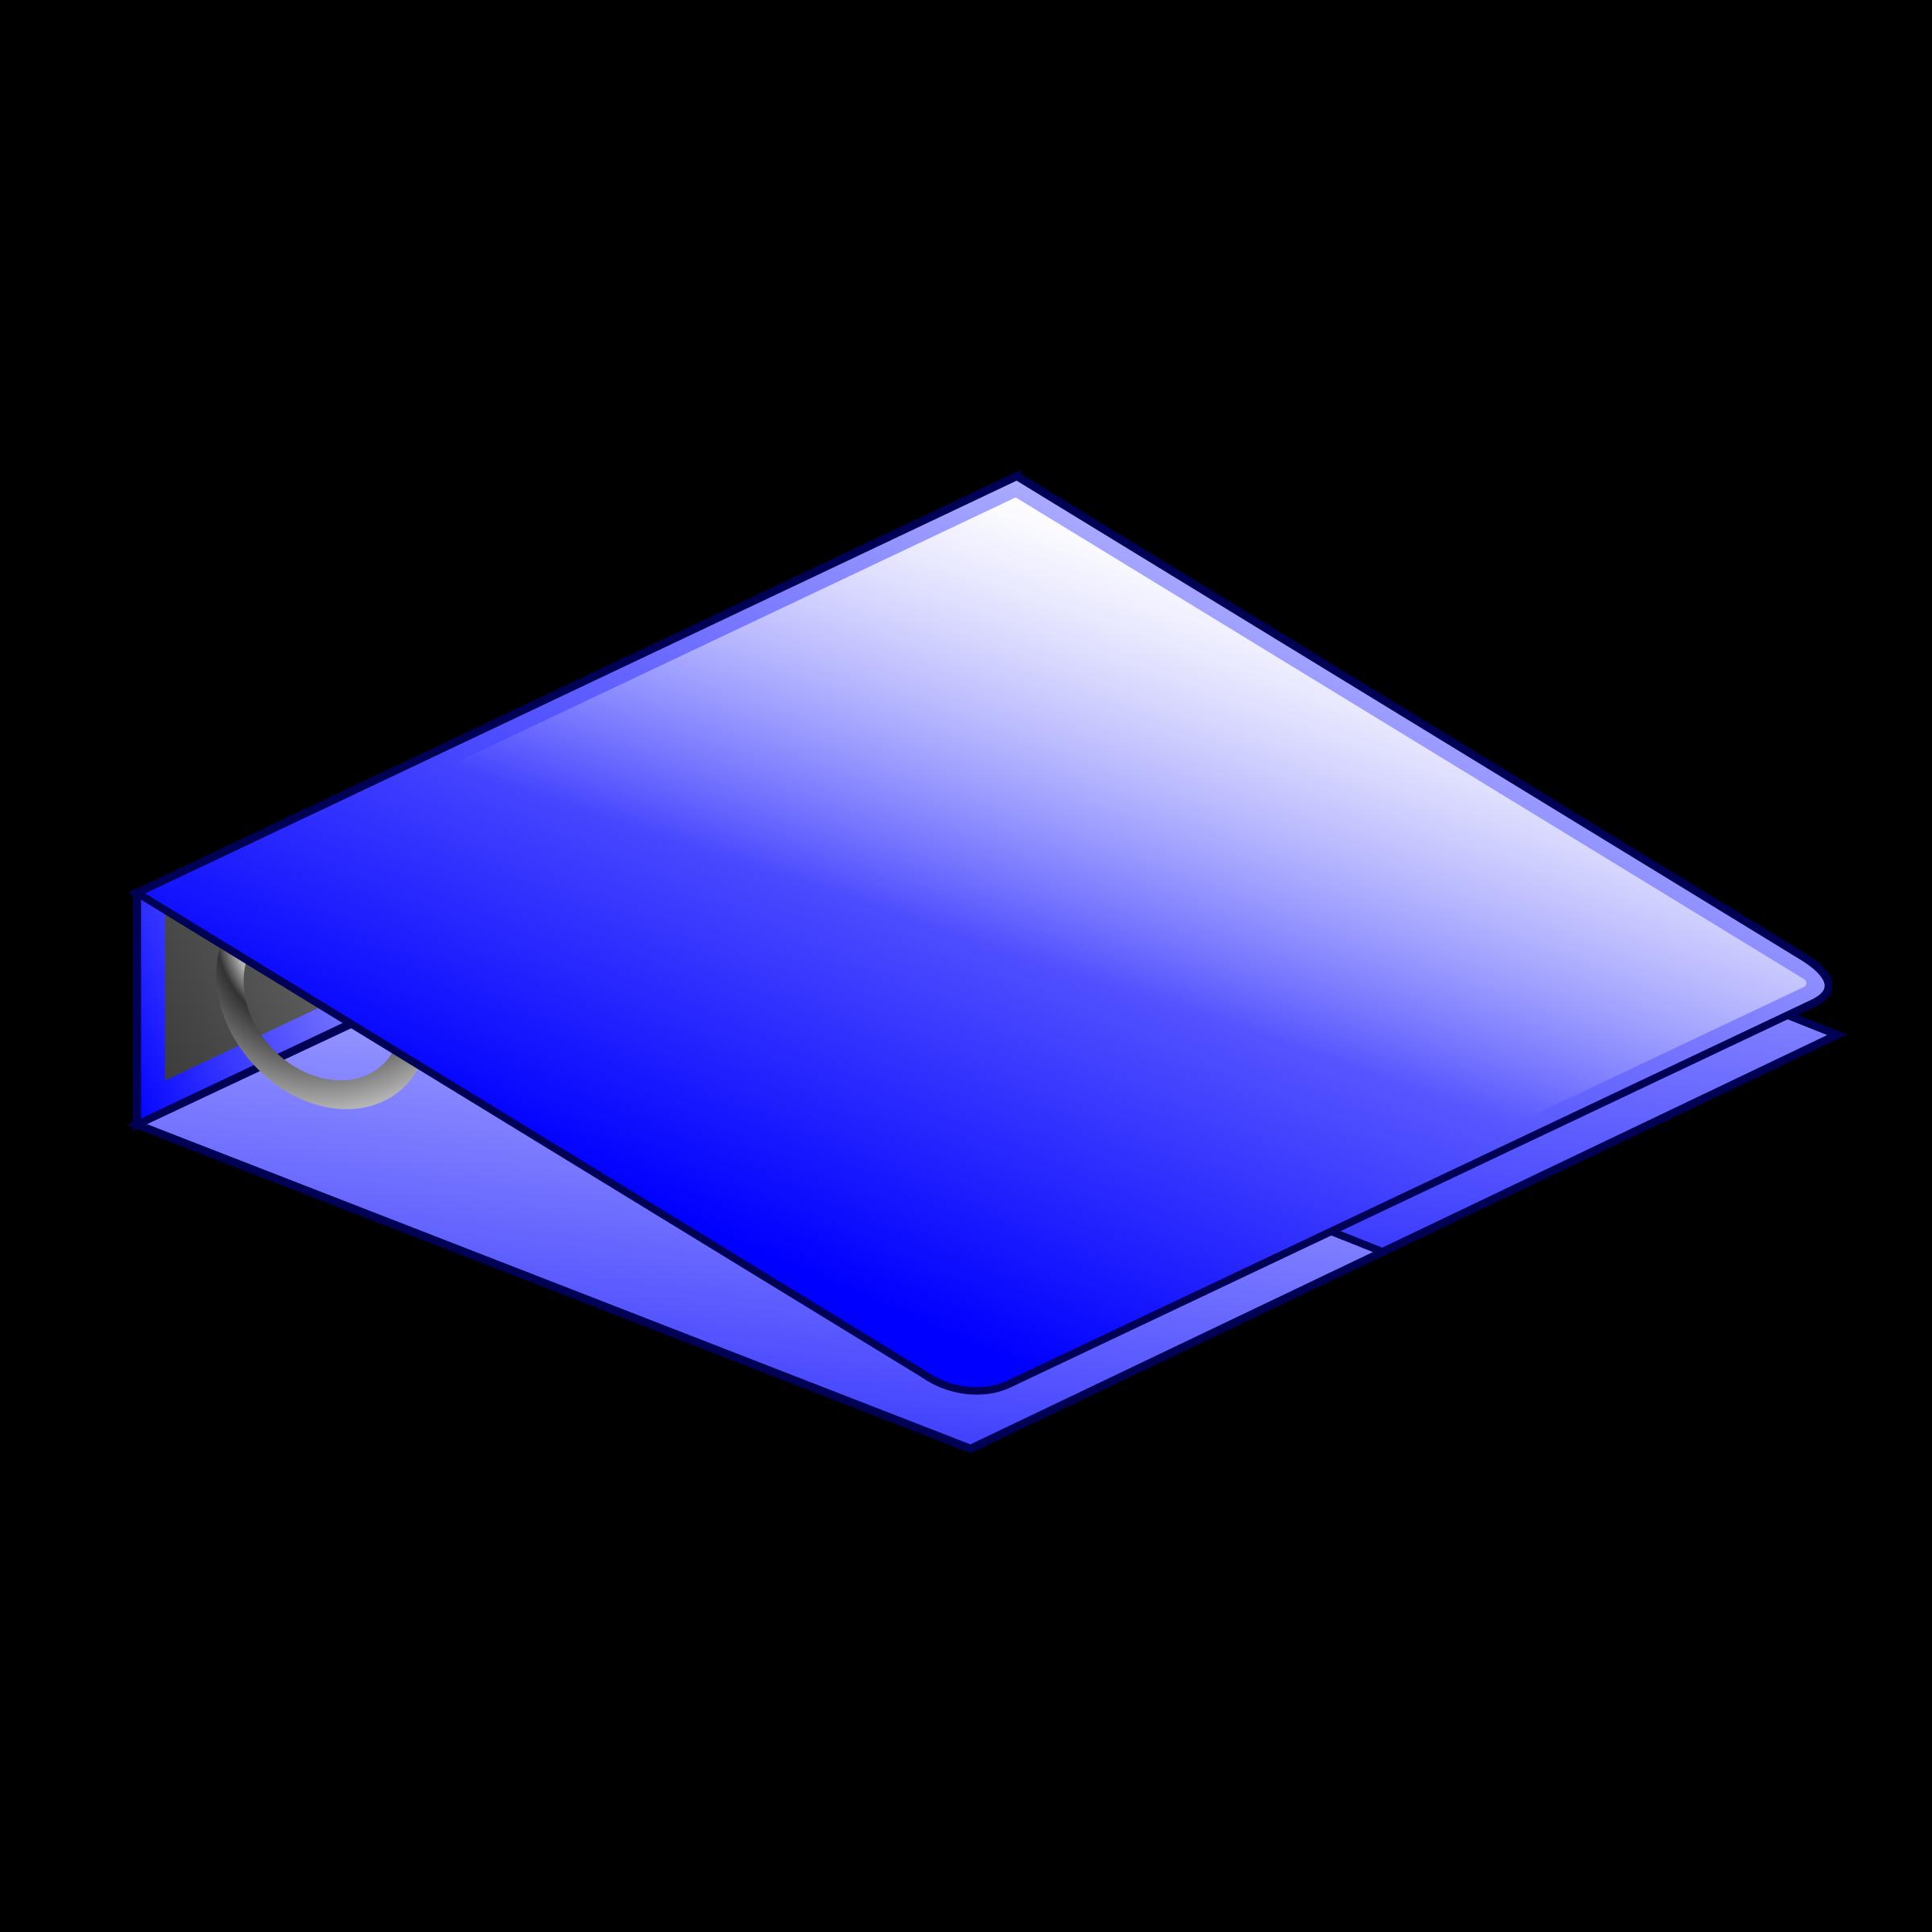 svg transparent stock Binder clipart. Blue ring big image